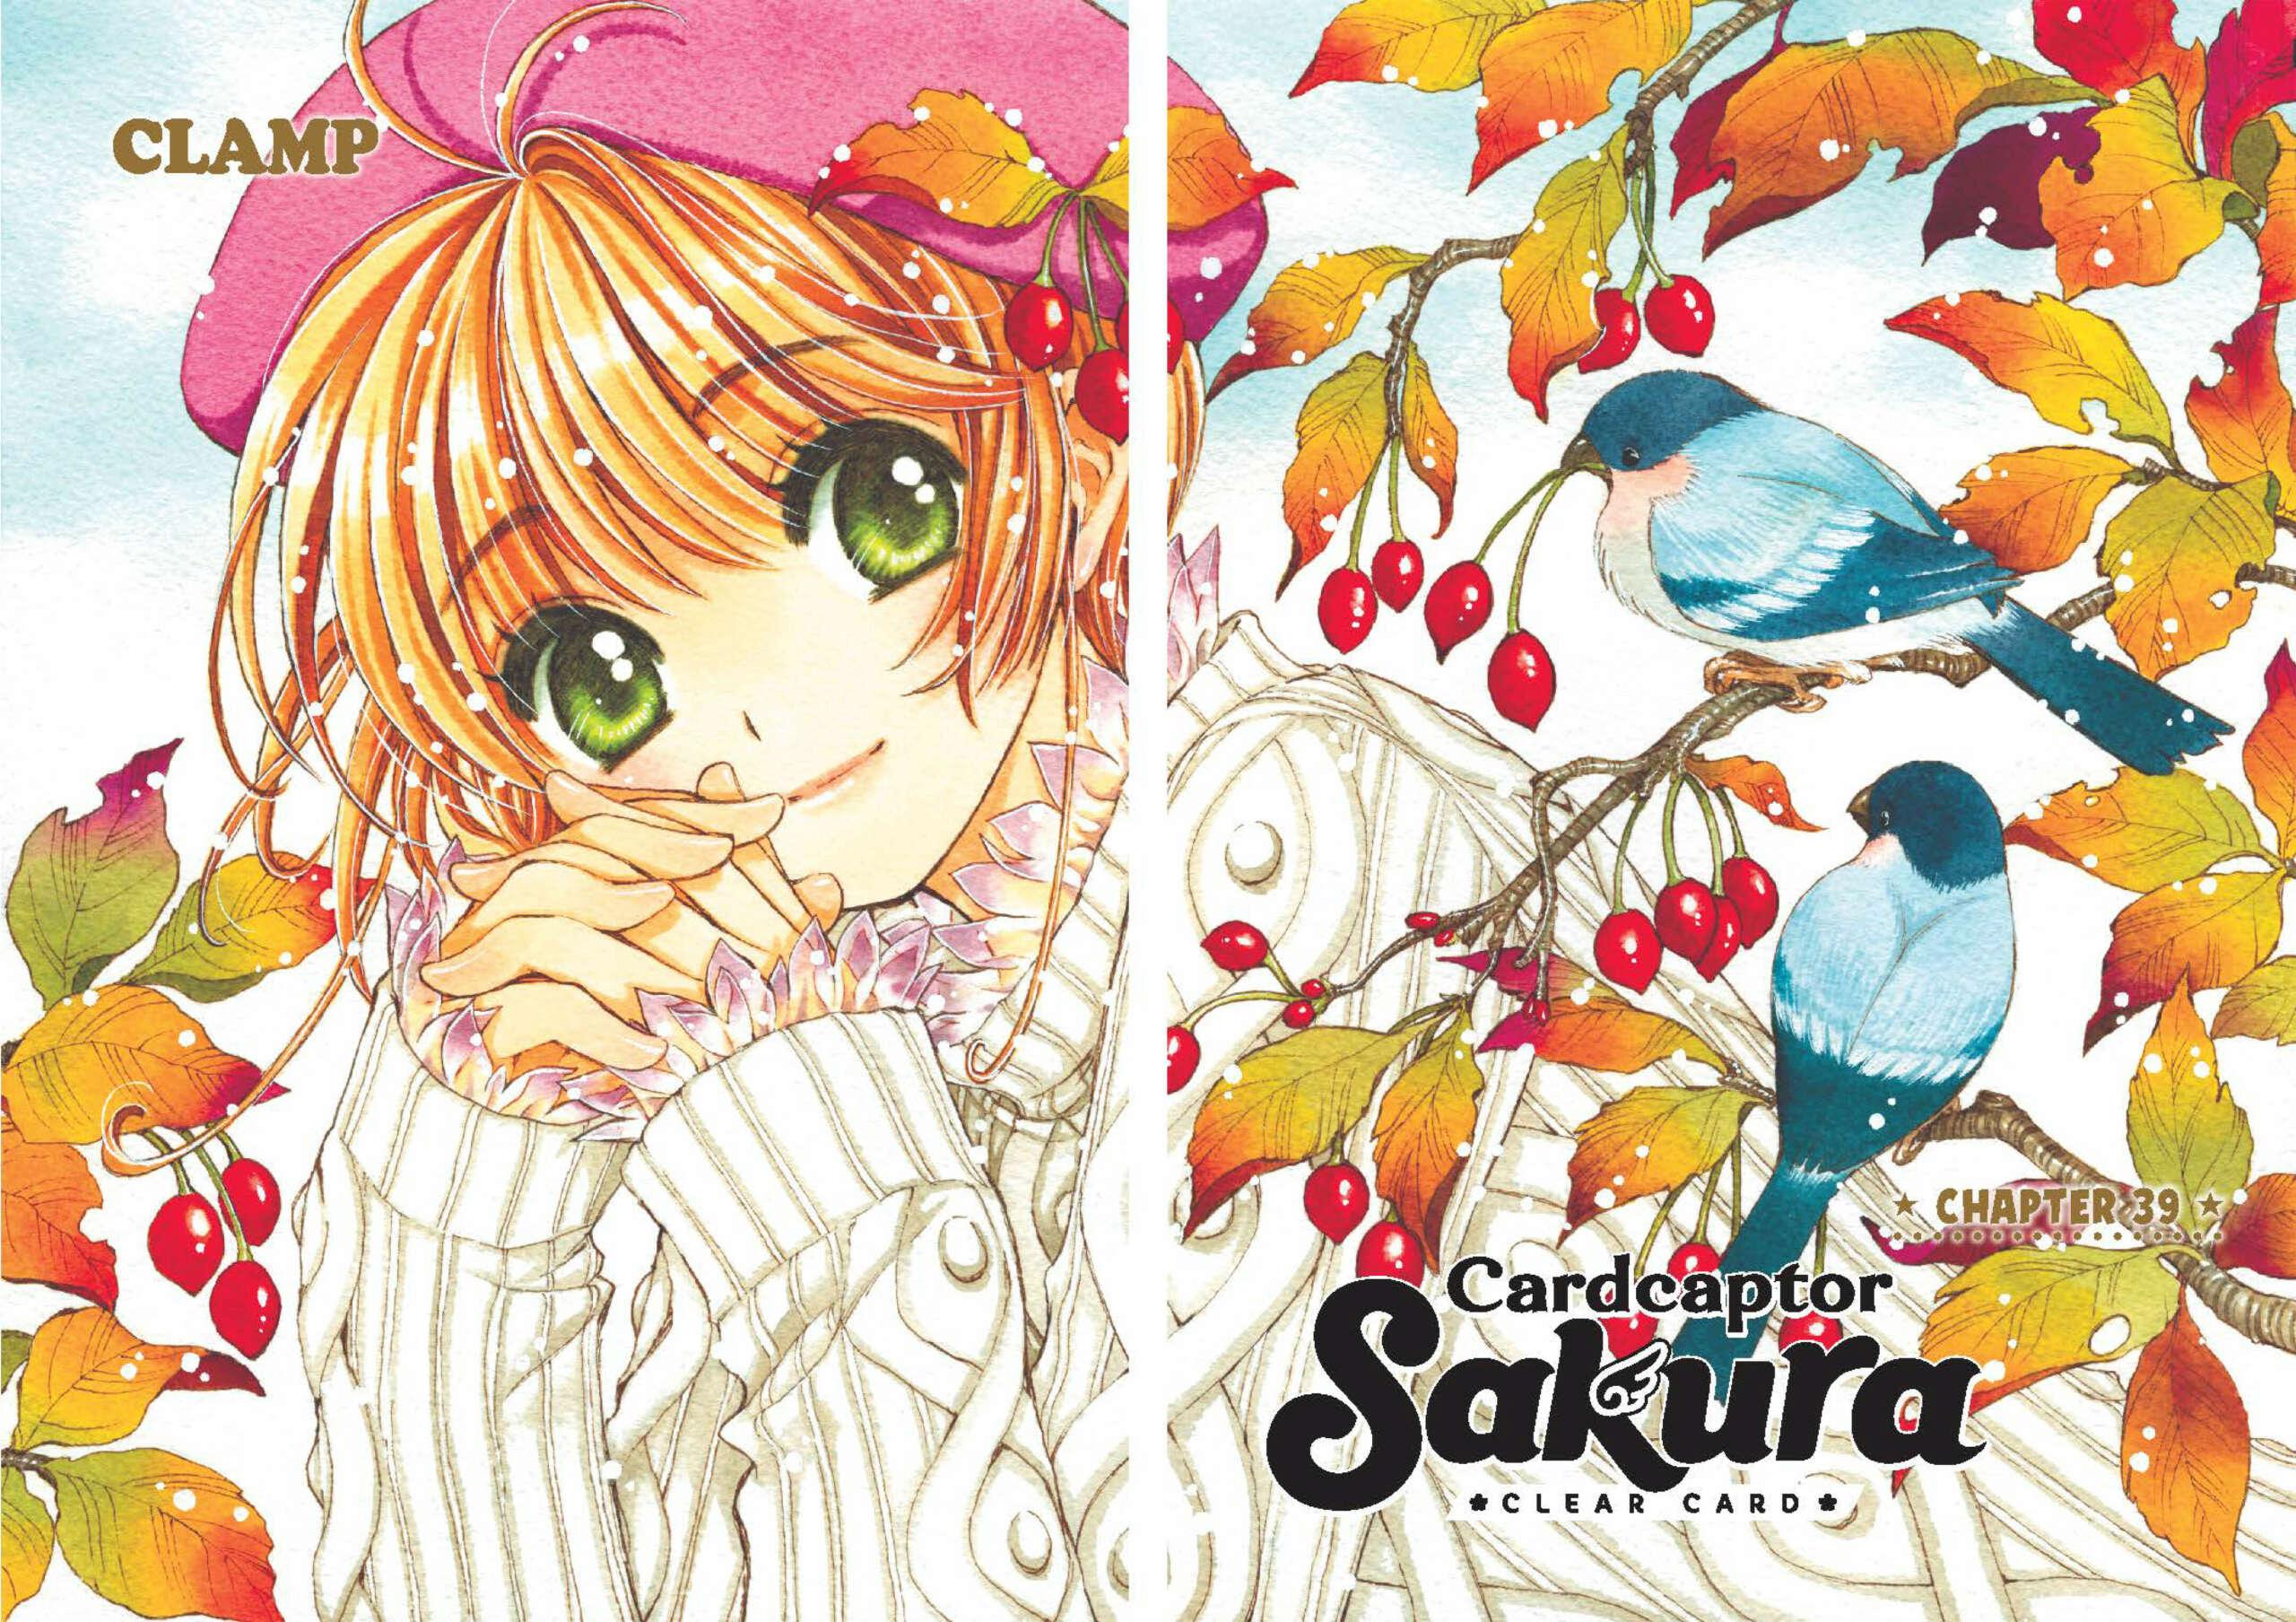 Card Captor Sakura et autres mangas [CLAMP] 0012410